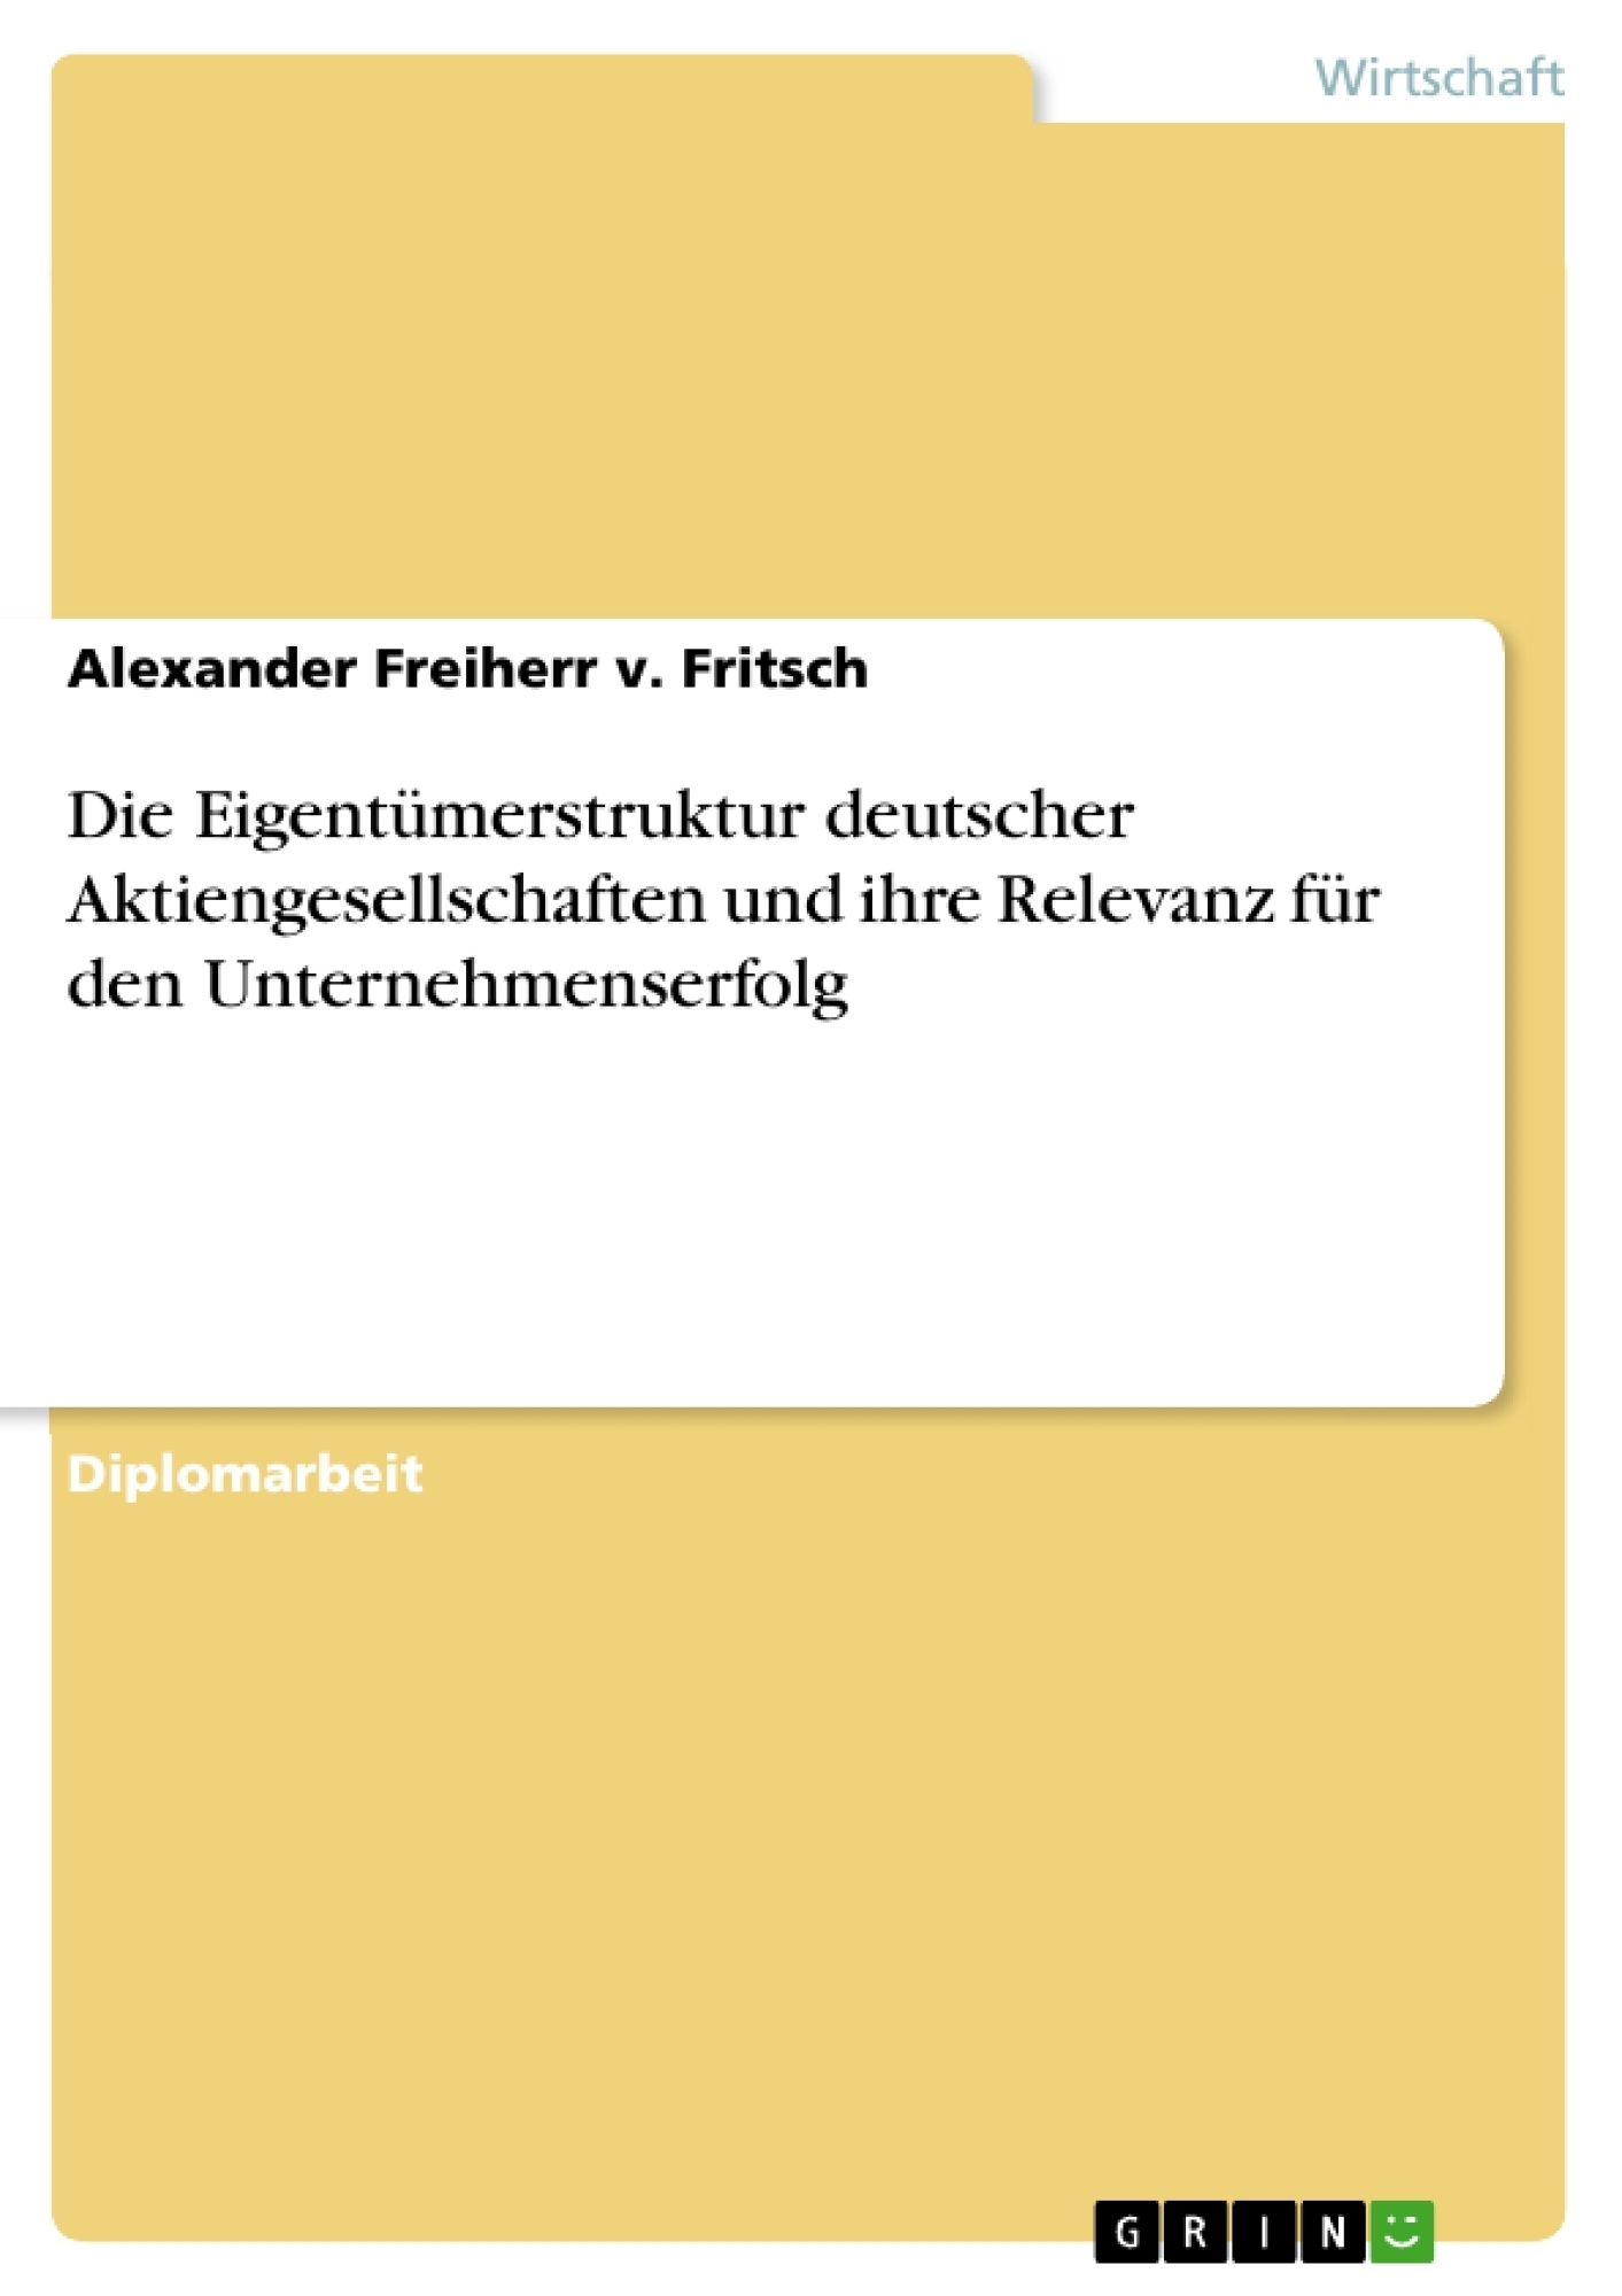 Titel: Die Eigentümerstruktur deutscher Aktiengesellschaften und ihre Relevanz für den Unternehmenserfolg